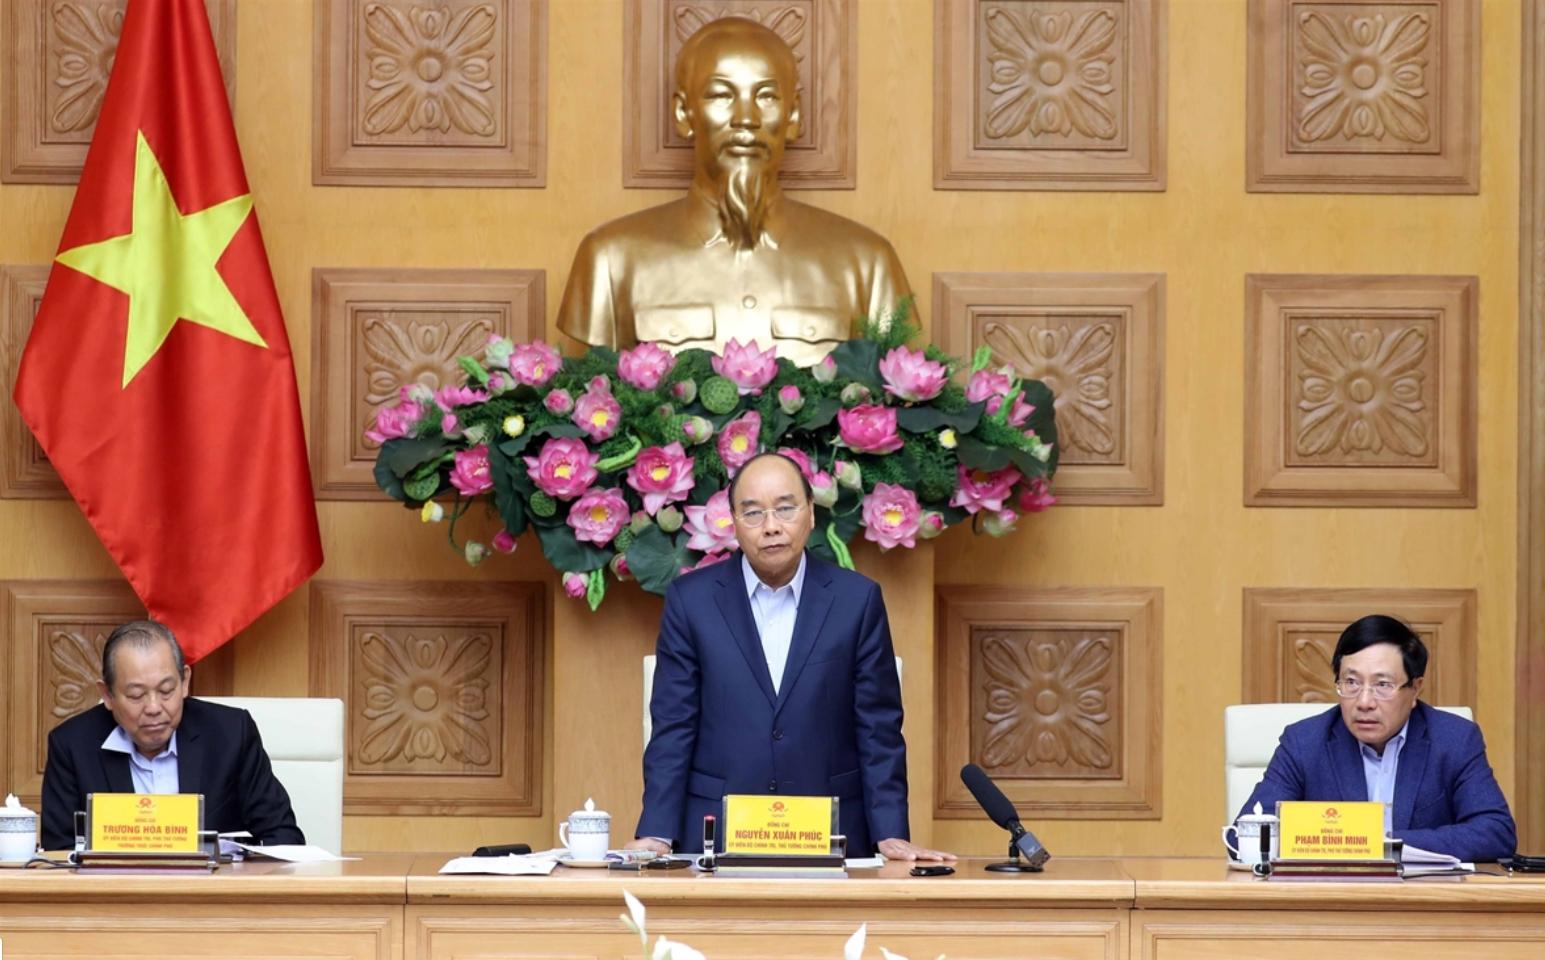 Thủ tướng Nguyễn Xuân Phúc: Đảm bảo nhu cầu cần thiết cho công tác phòng, chống dịch COVID - 19